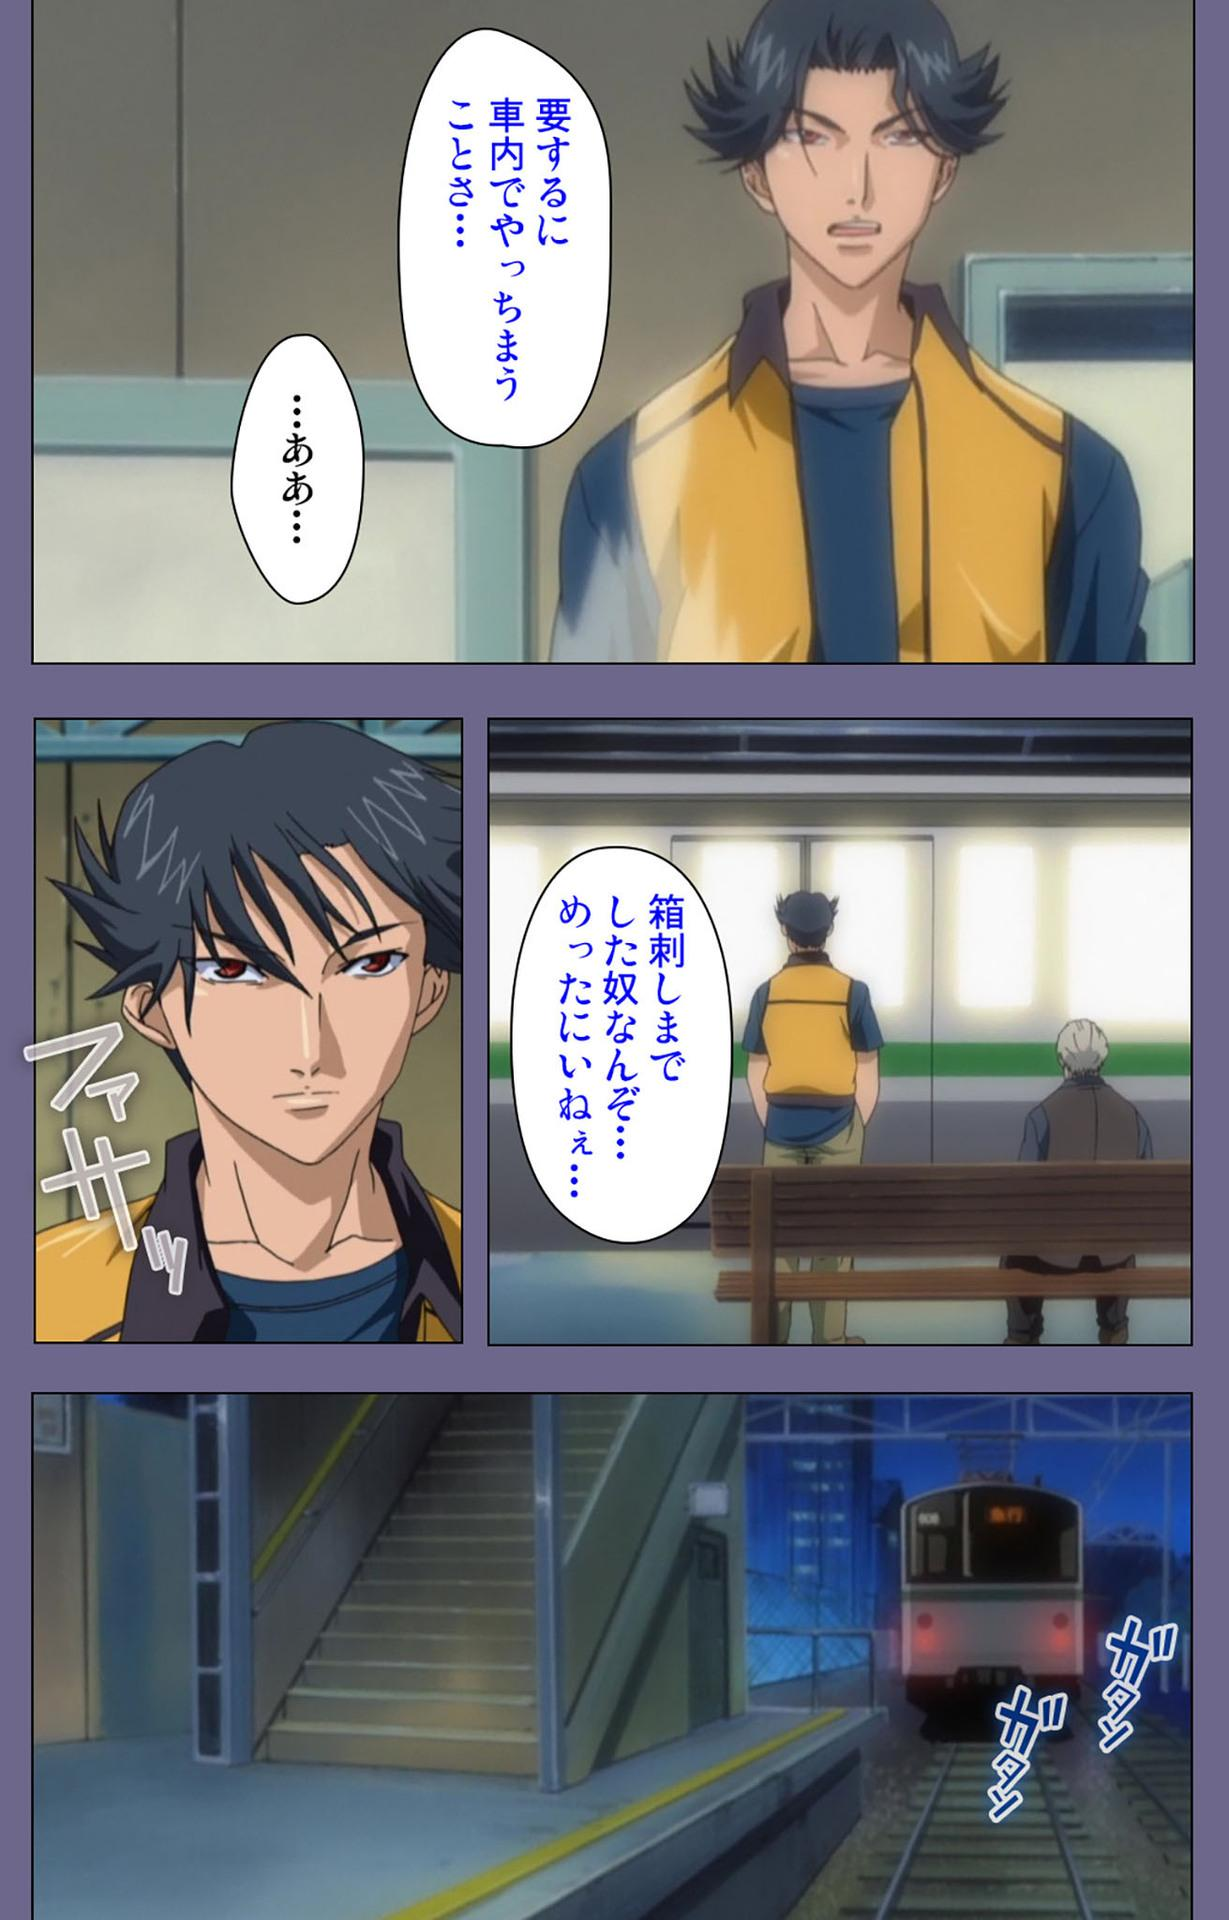 Itazura kanzenhan 118